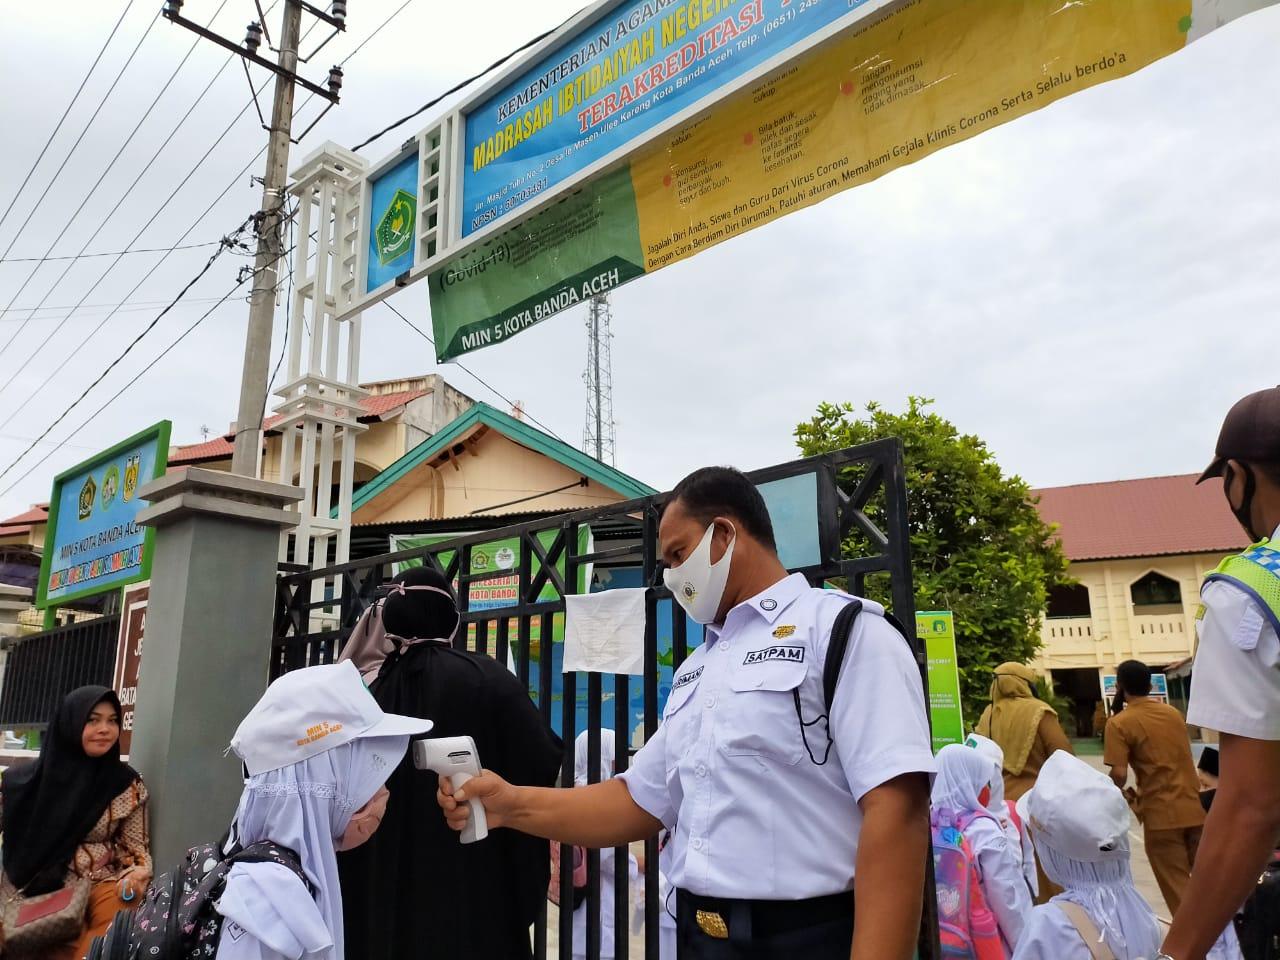 Hari Pertama Sekolah, Siswa MIN 5 Ulee Kareng Dicek Suhu Tubuh dan Wajib Pakai Masker